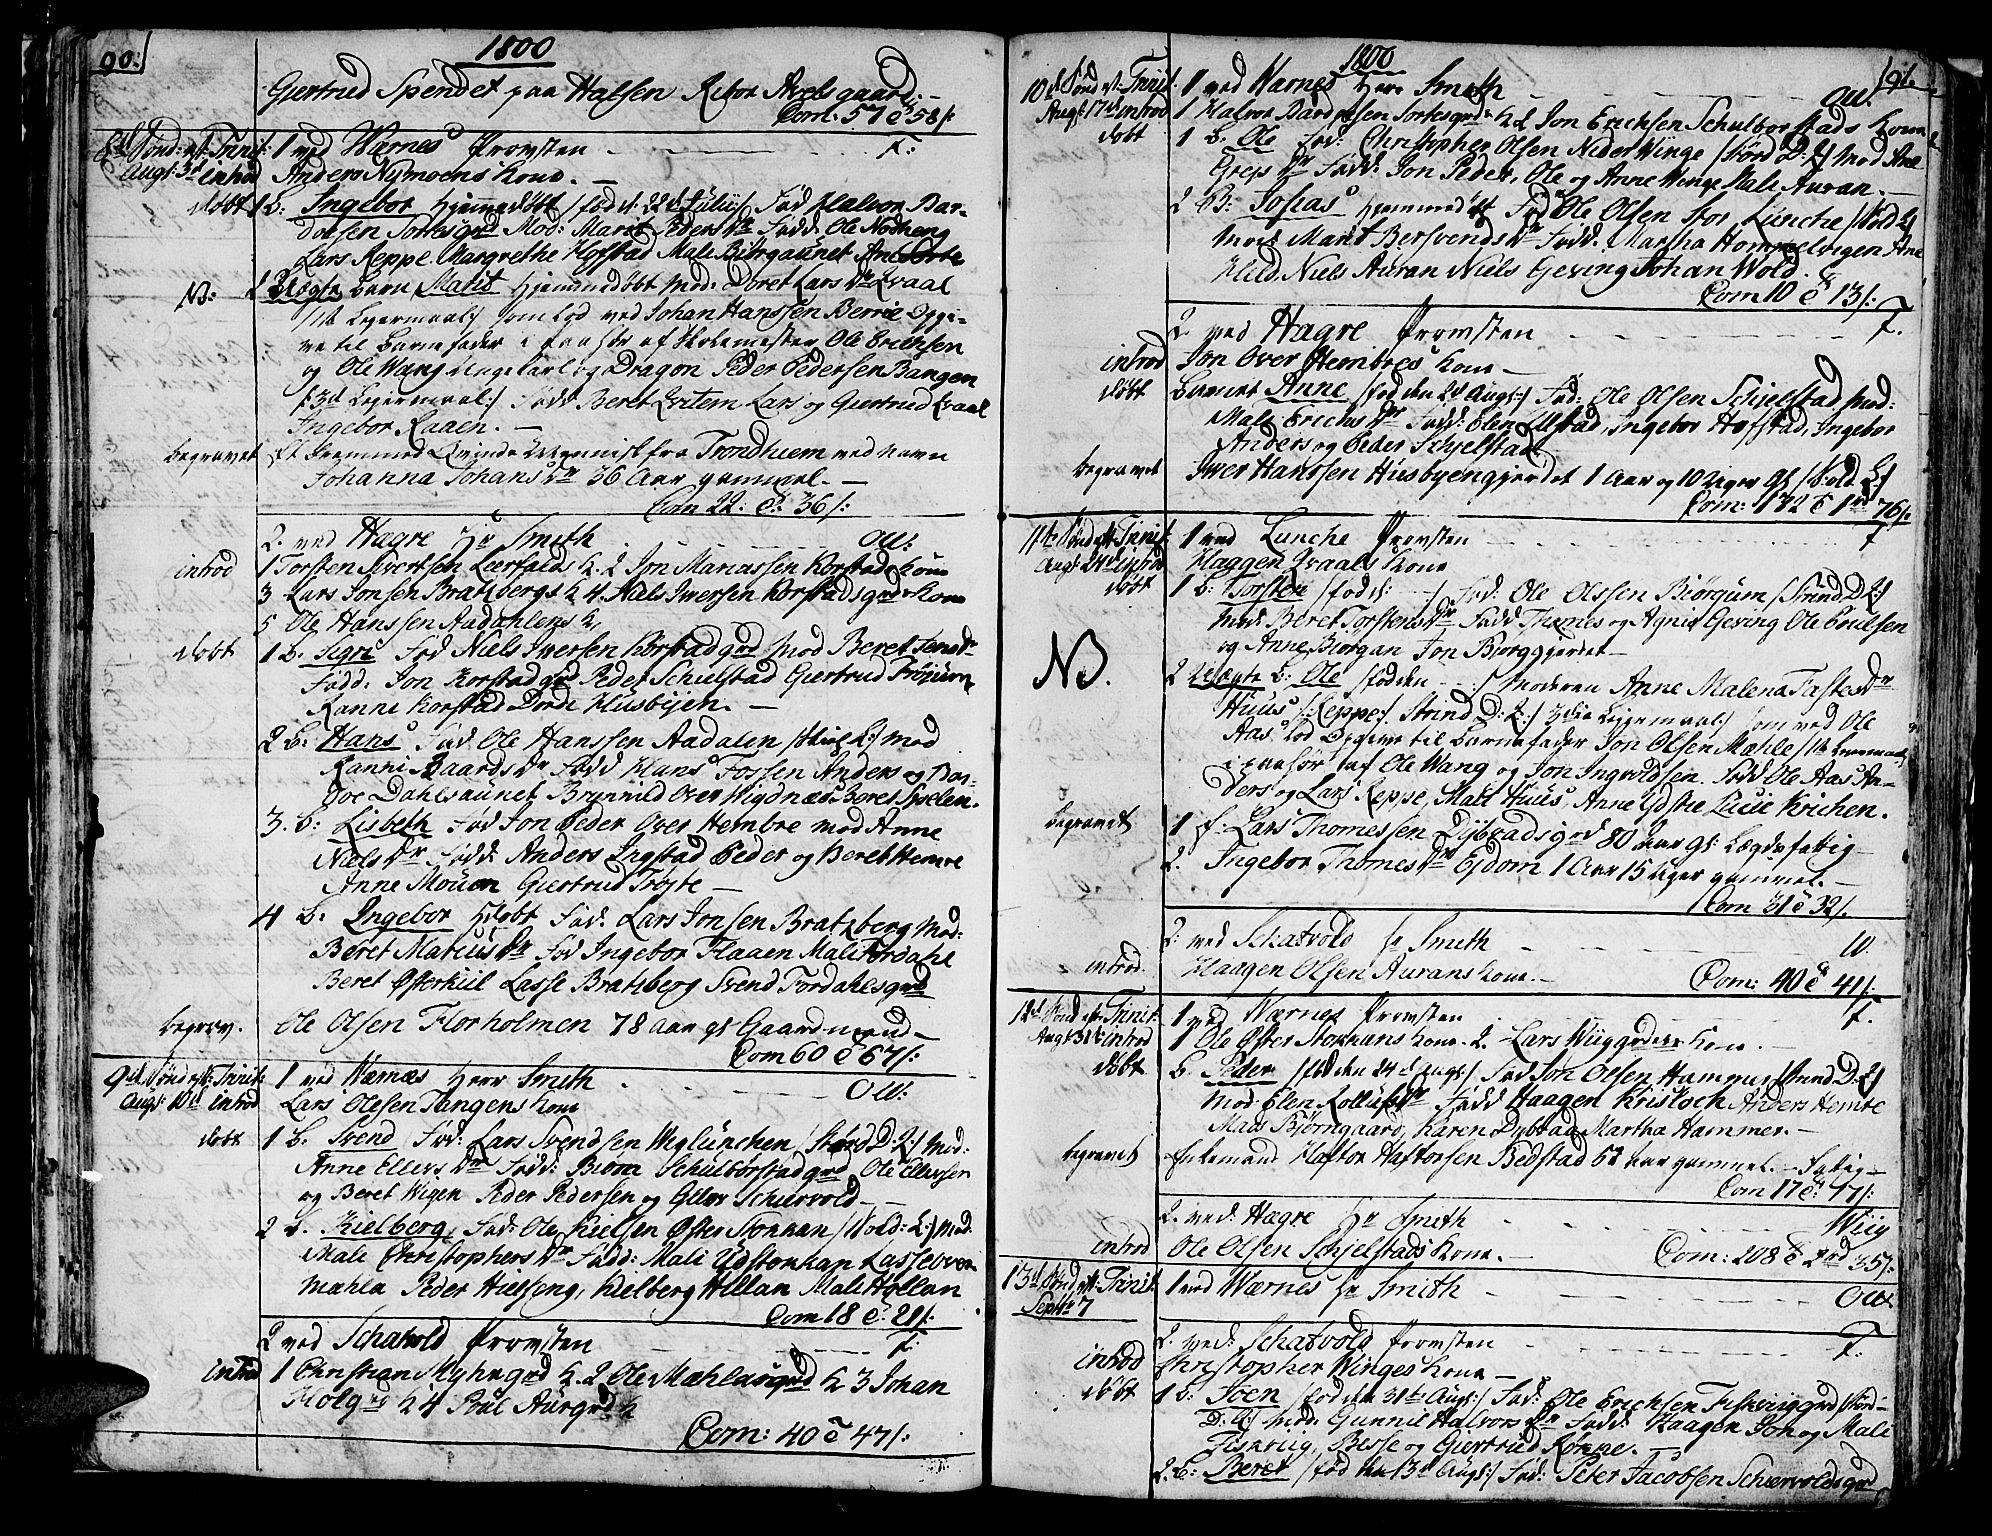 SAT, Ministerialprotokoller, klokkerbøker og fødselsregistre - Nord-Trøndelag, 709/L0060: Ministerialbok nr. 709A07, 1797-1815, s. 90-91